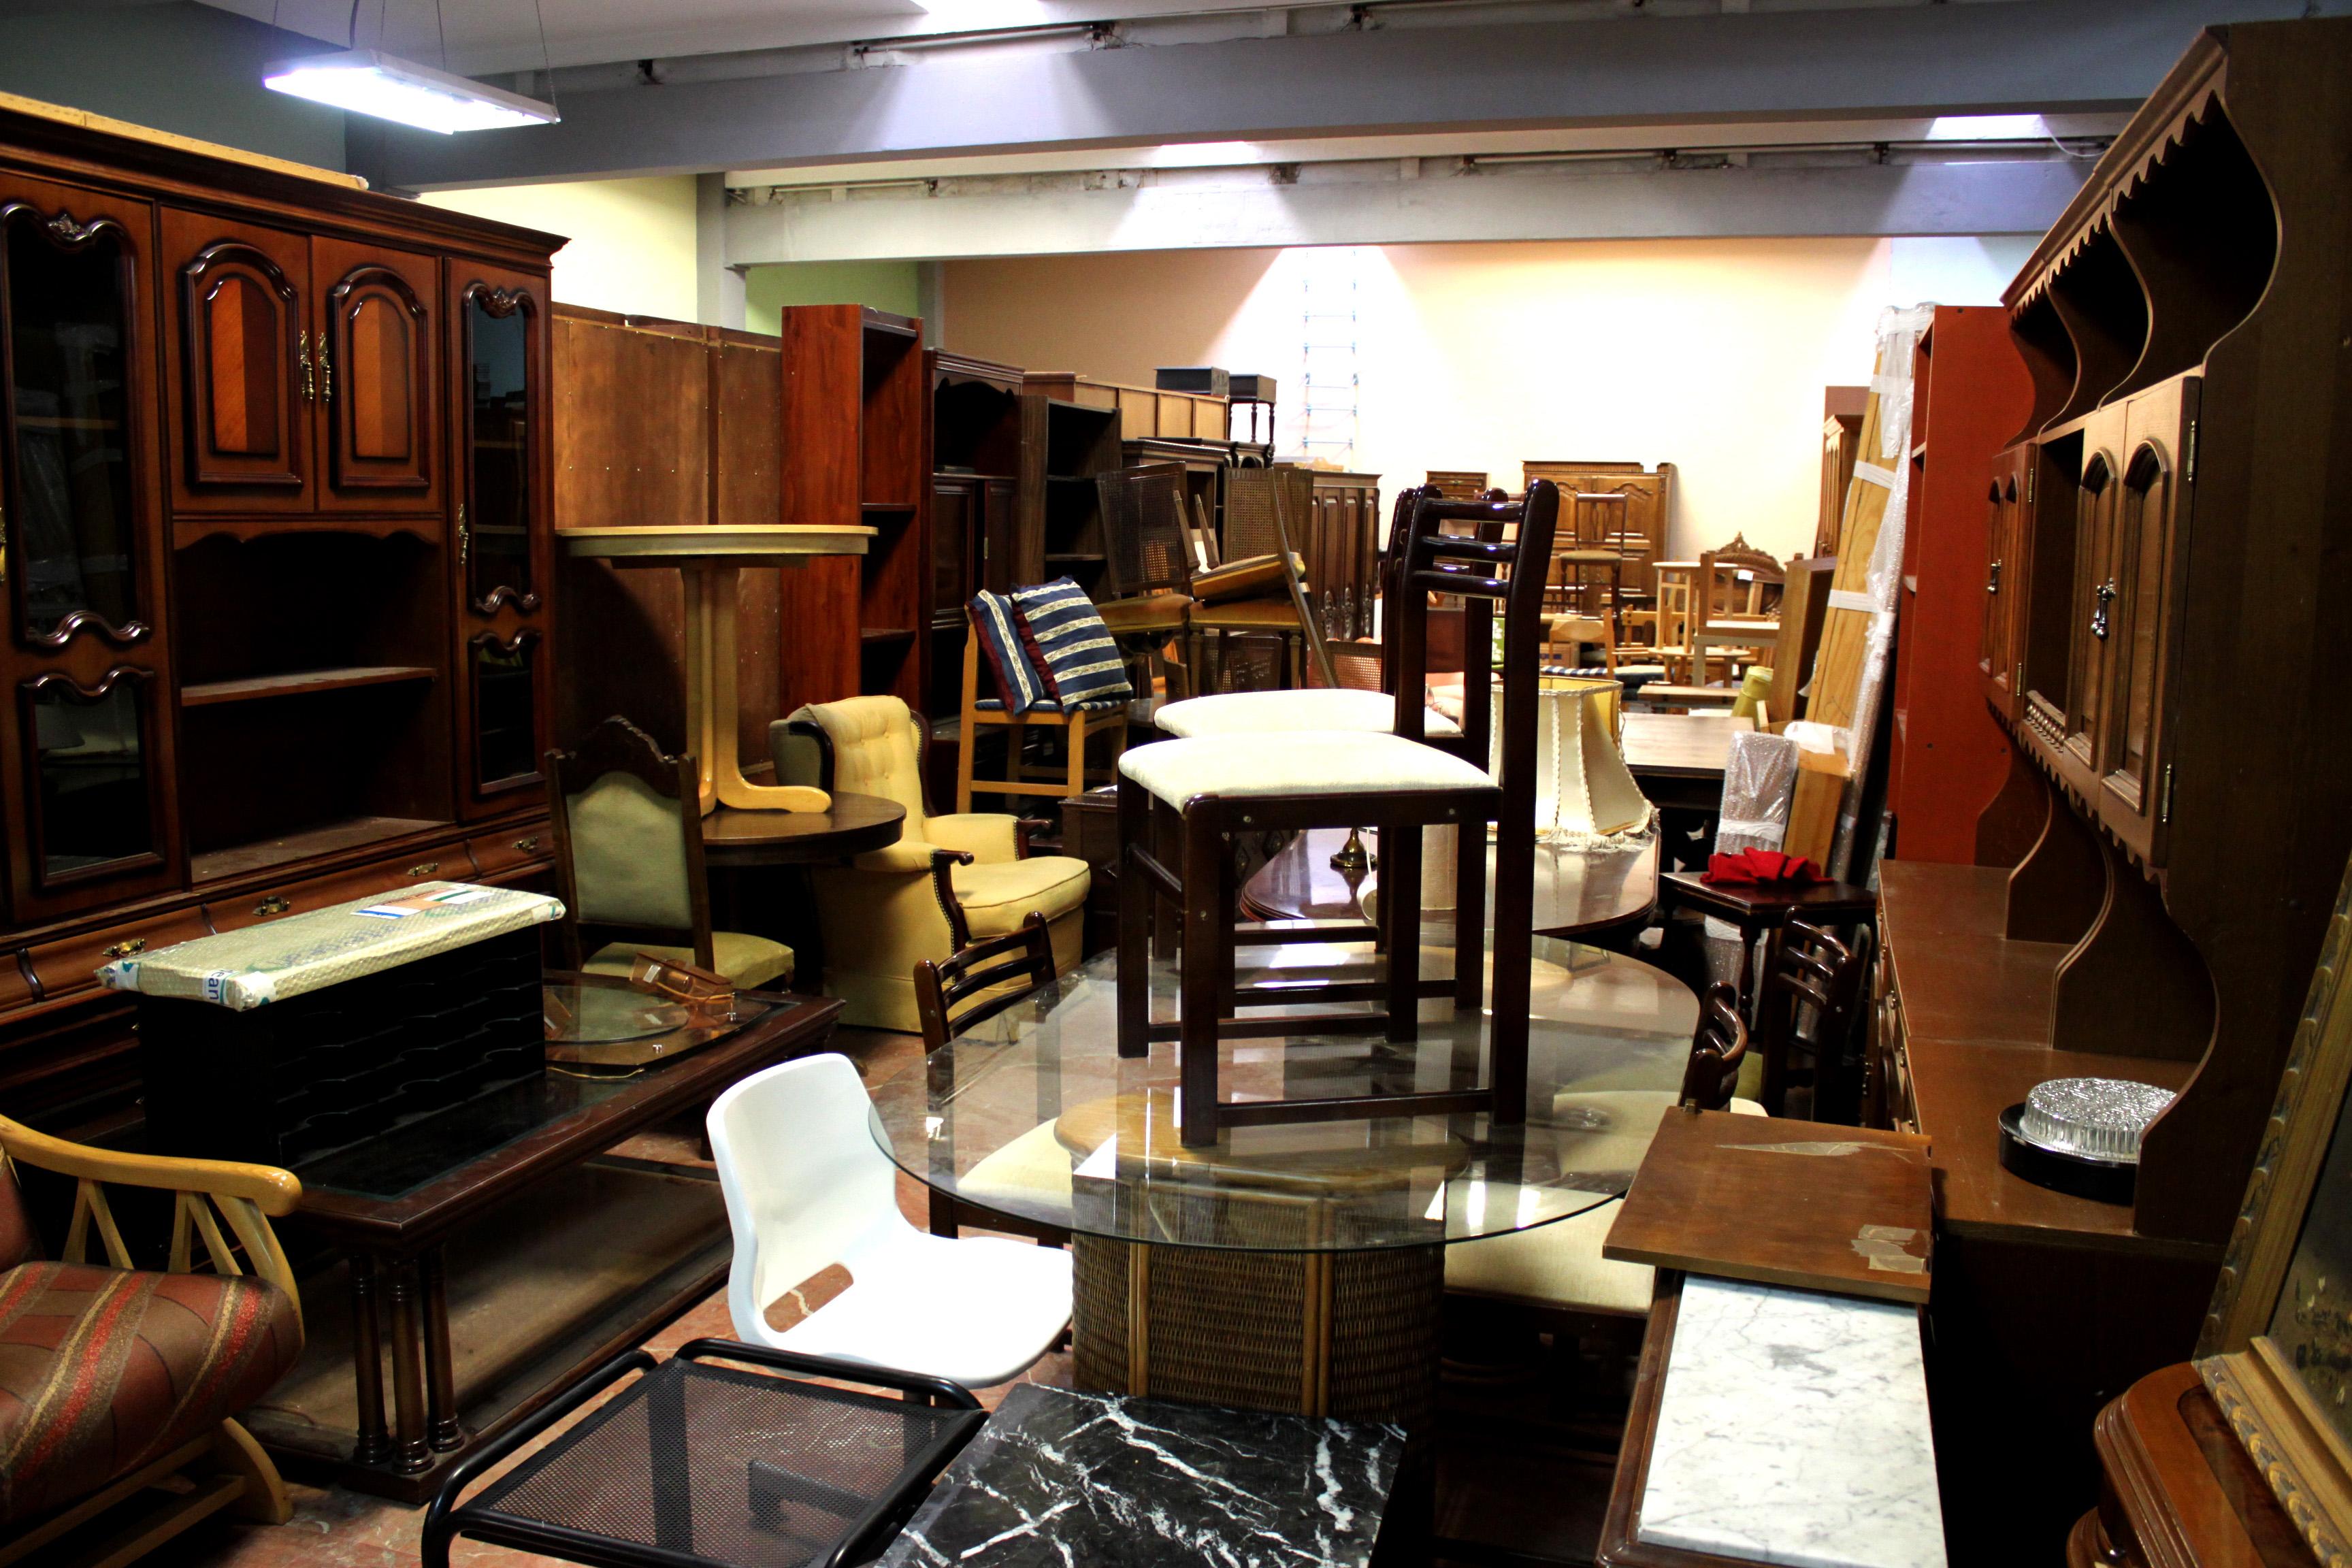 Mueble portada recogida de muebles enseres y ropa - Muebles segunda mano bilbao ...